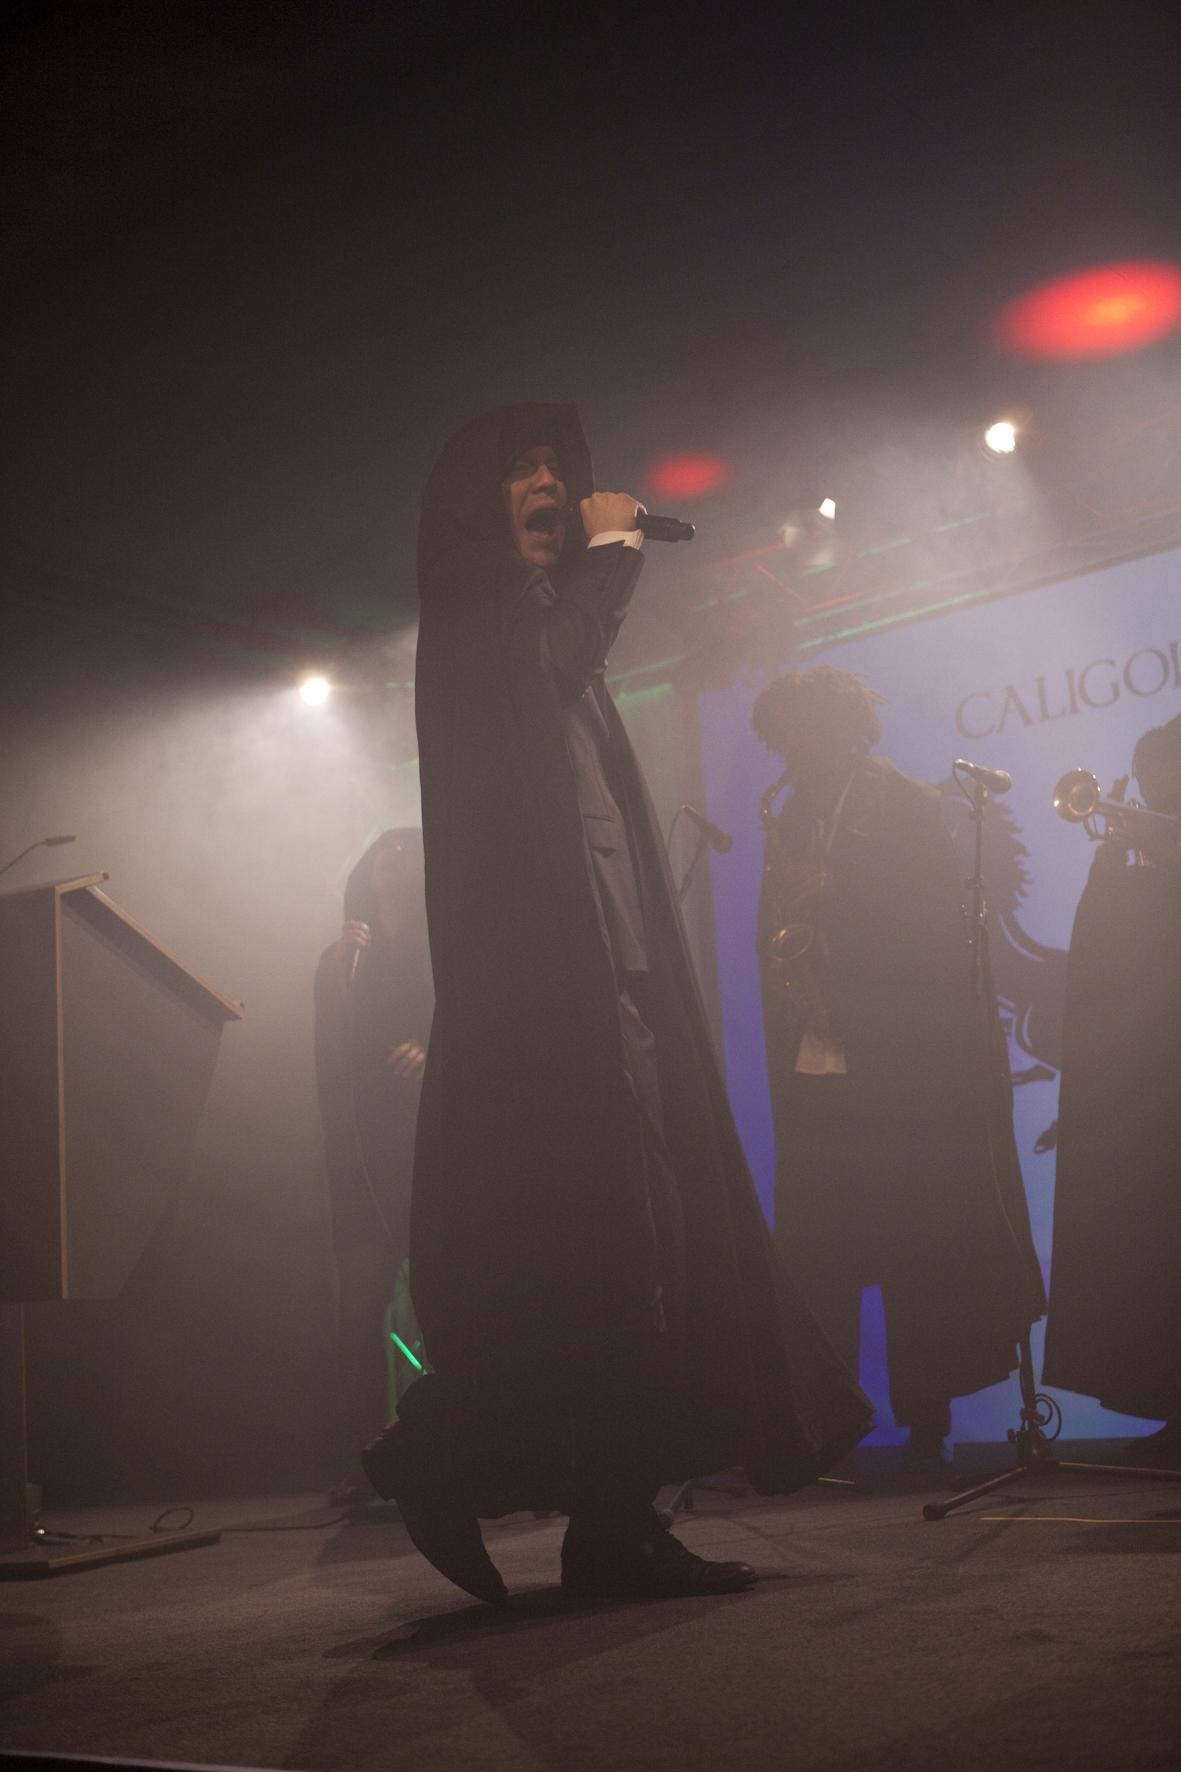 Caligola feierten zum Abschluss der Awards ihre Livepremiere.